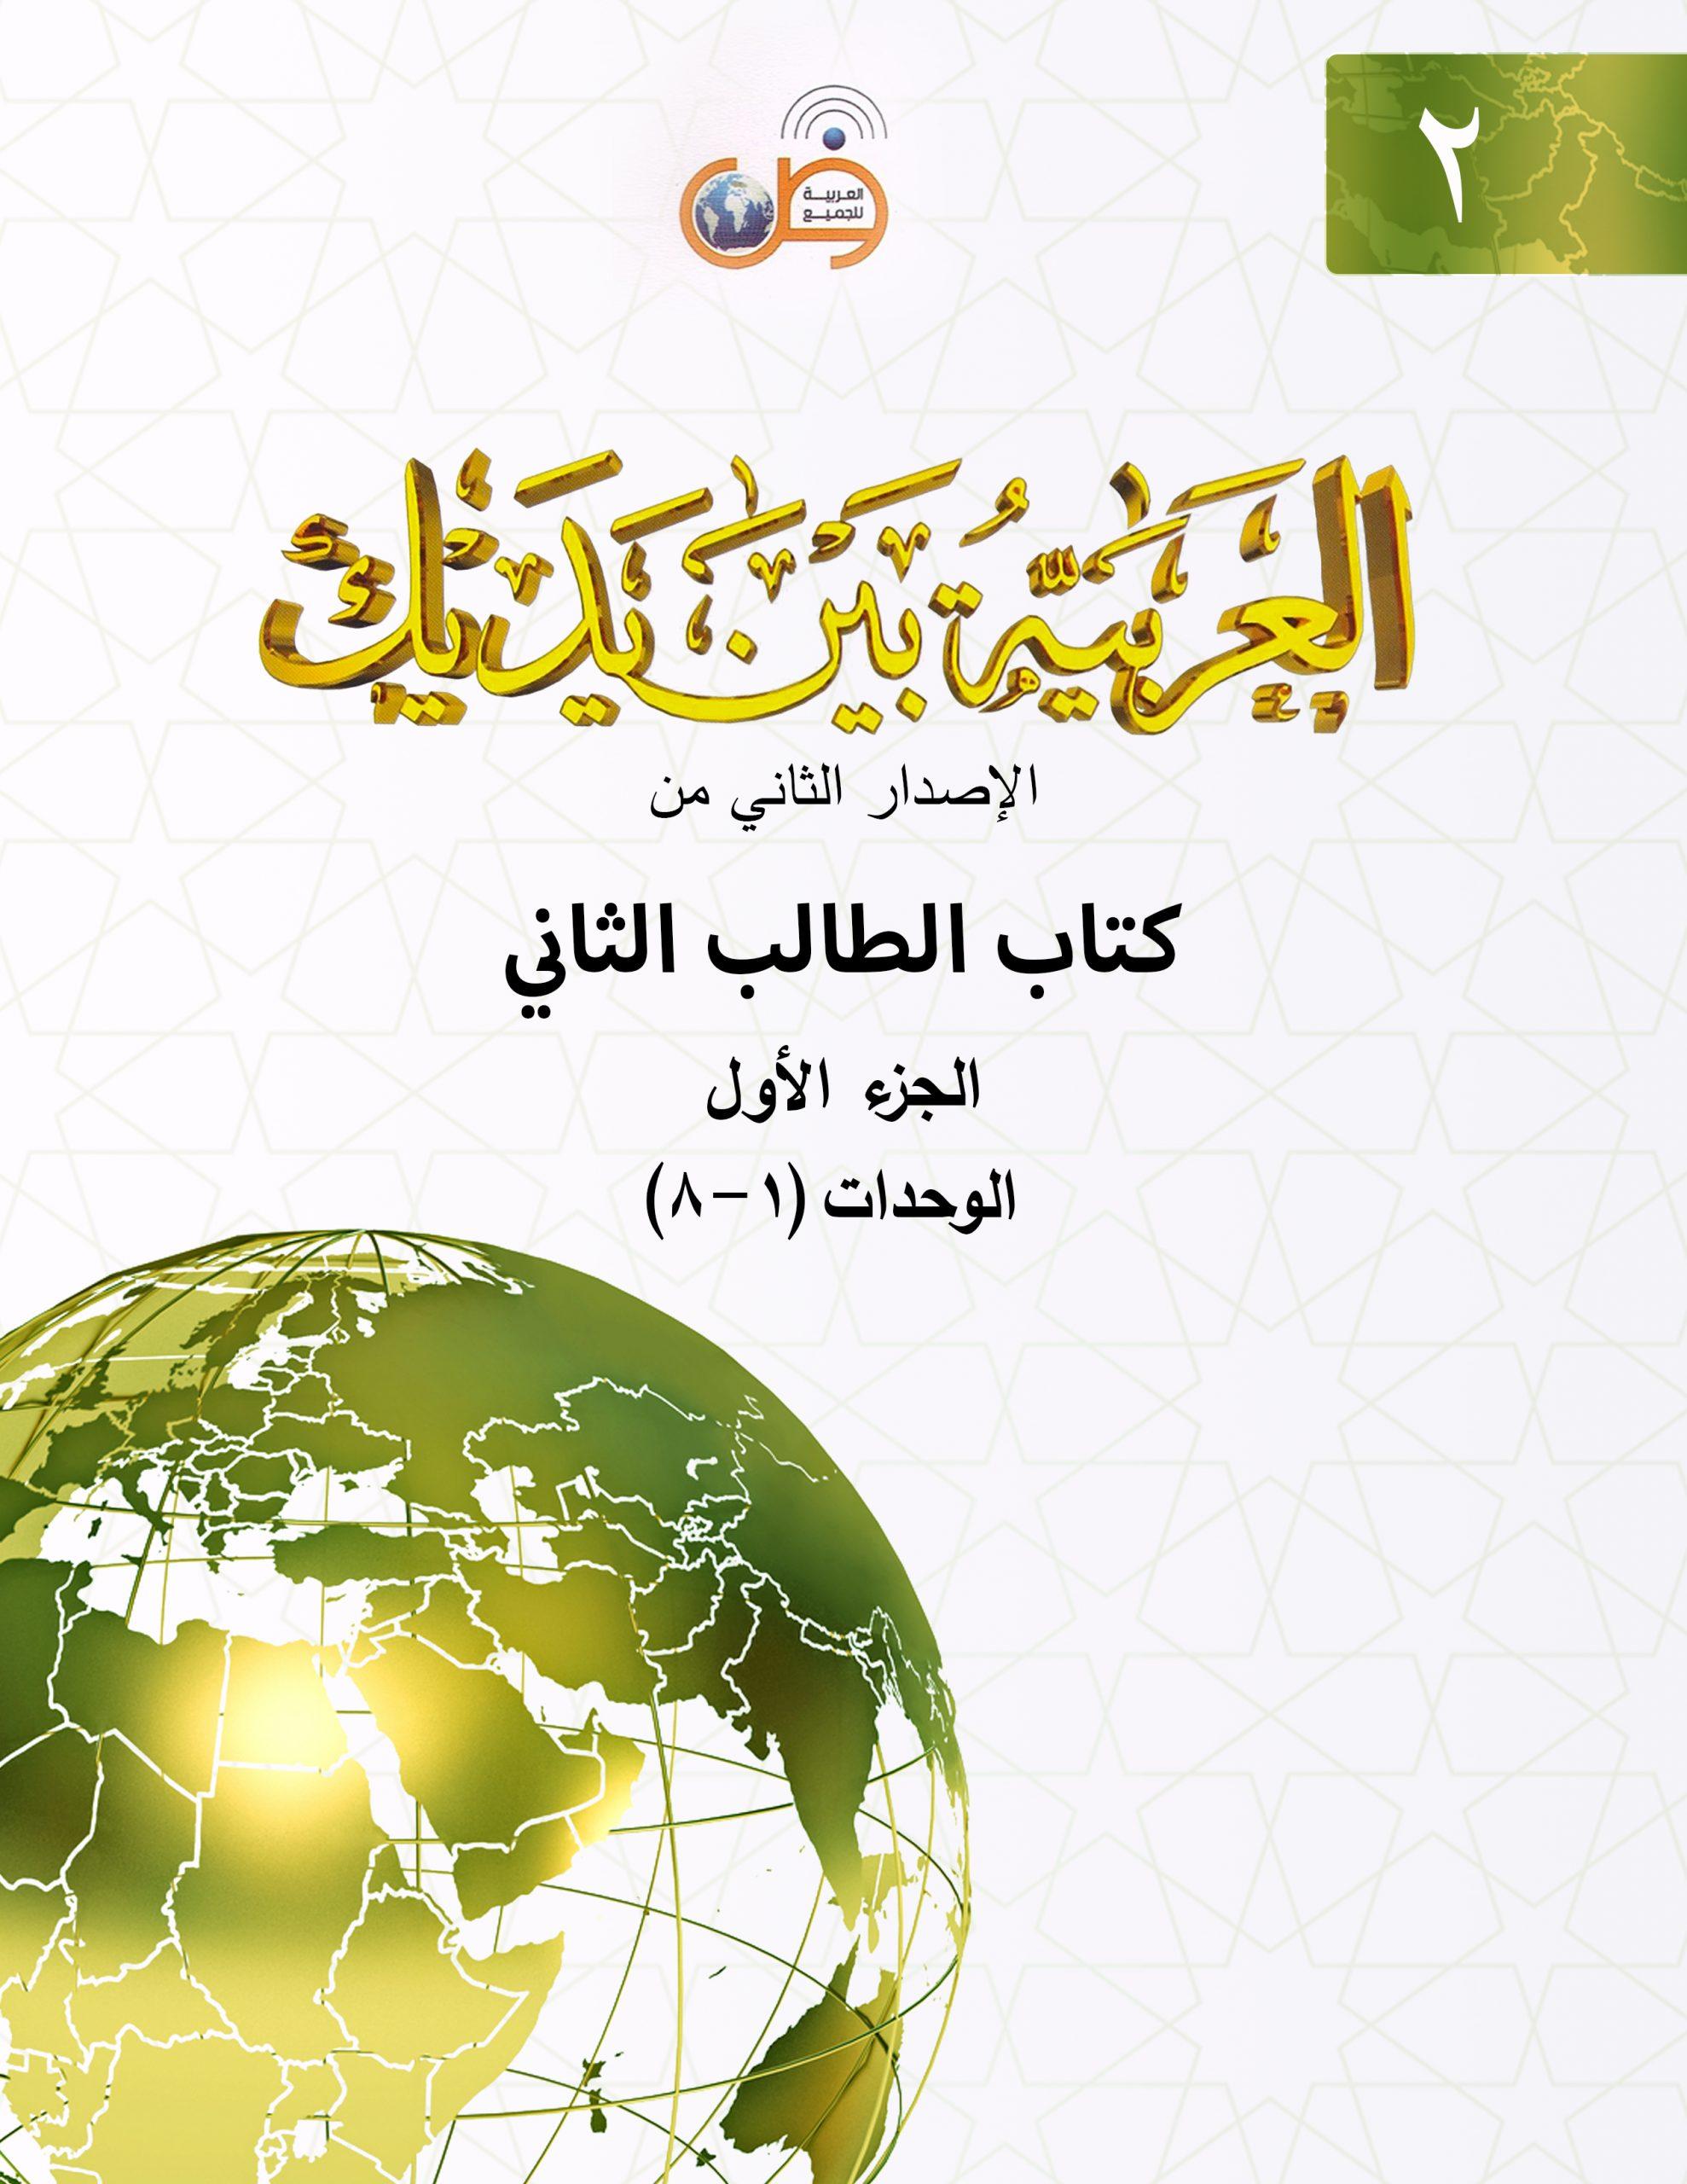 Spoken arabic